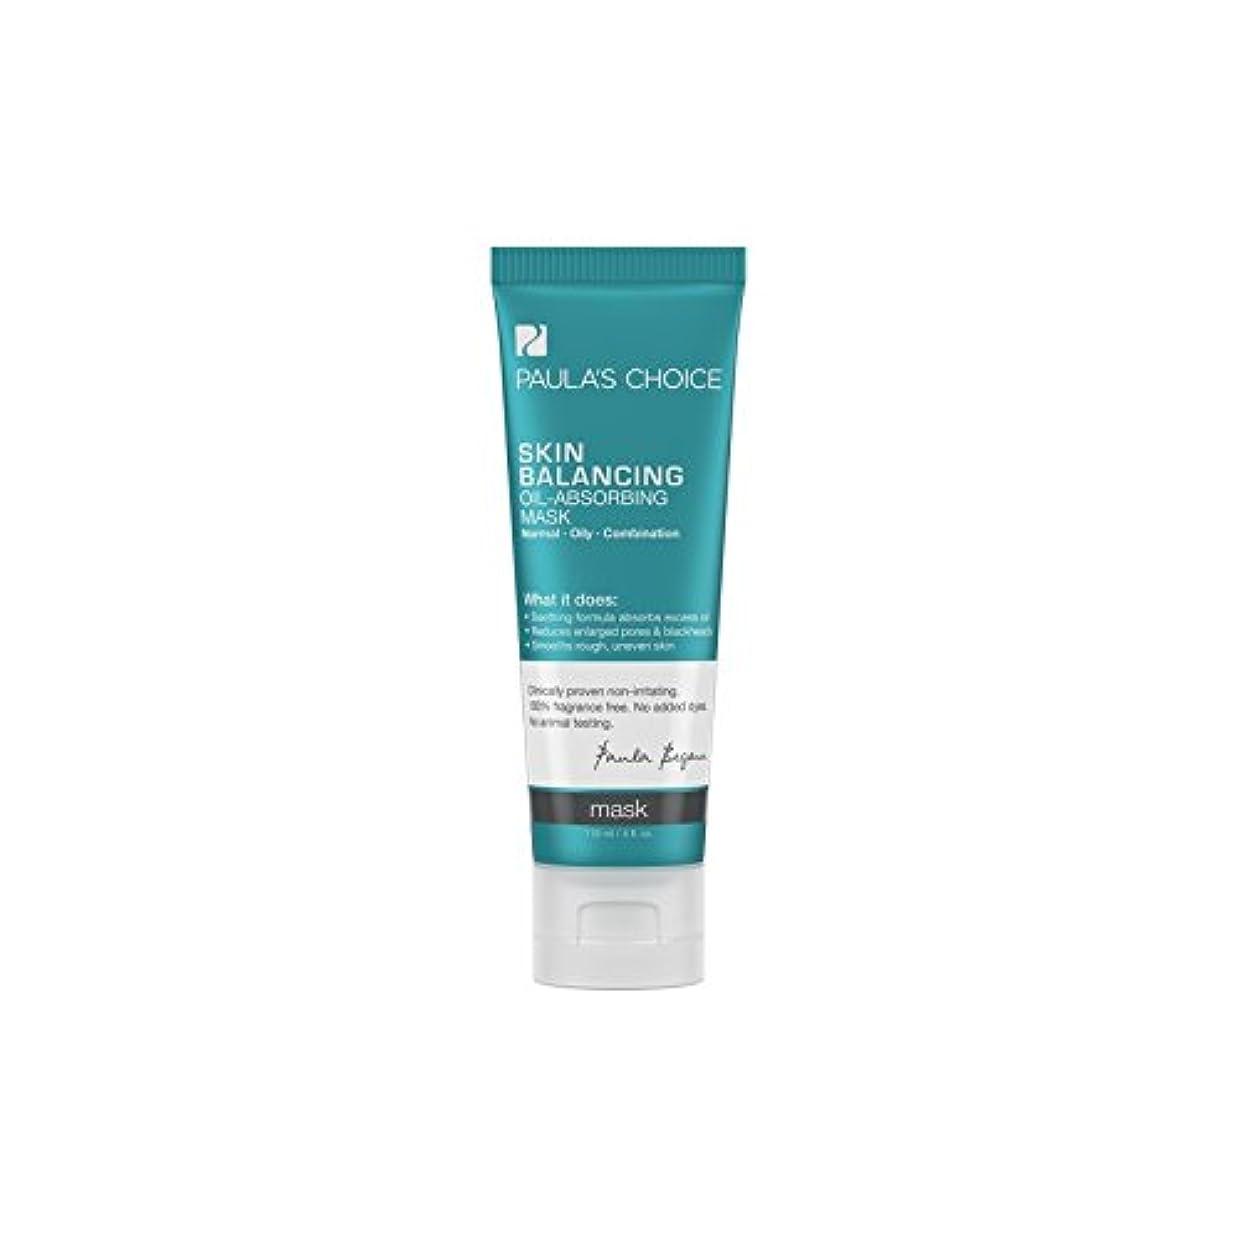 ピンポイントホイッスル言い聞かせるPaula's Choice Skin Balancing Oil-Absorbing Mask (118ml) (Pack of 6) - ポーラチョイスの肌のバランス吸油性マスク(118ミリリットル) x6 [並行輸入品]